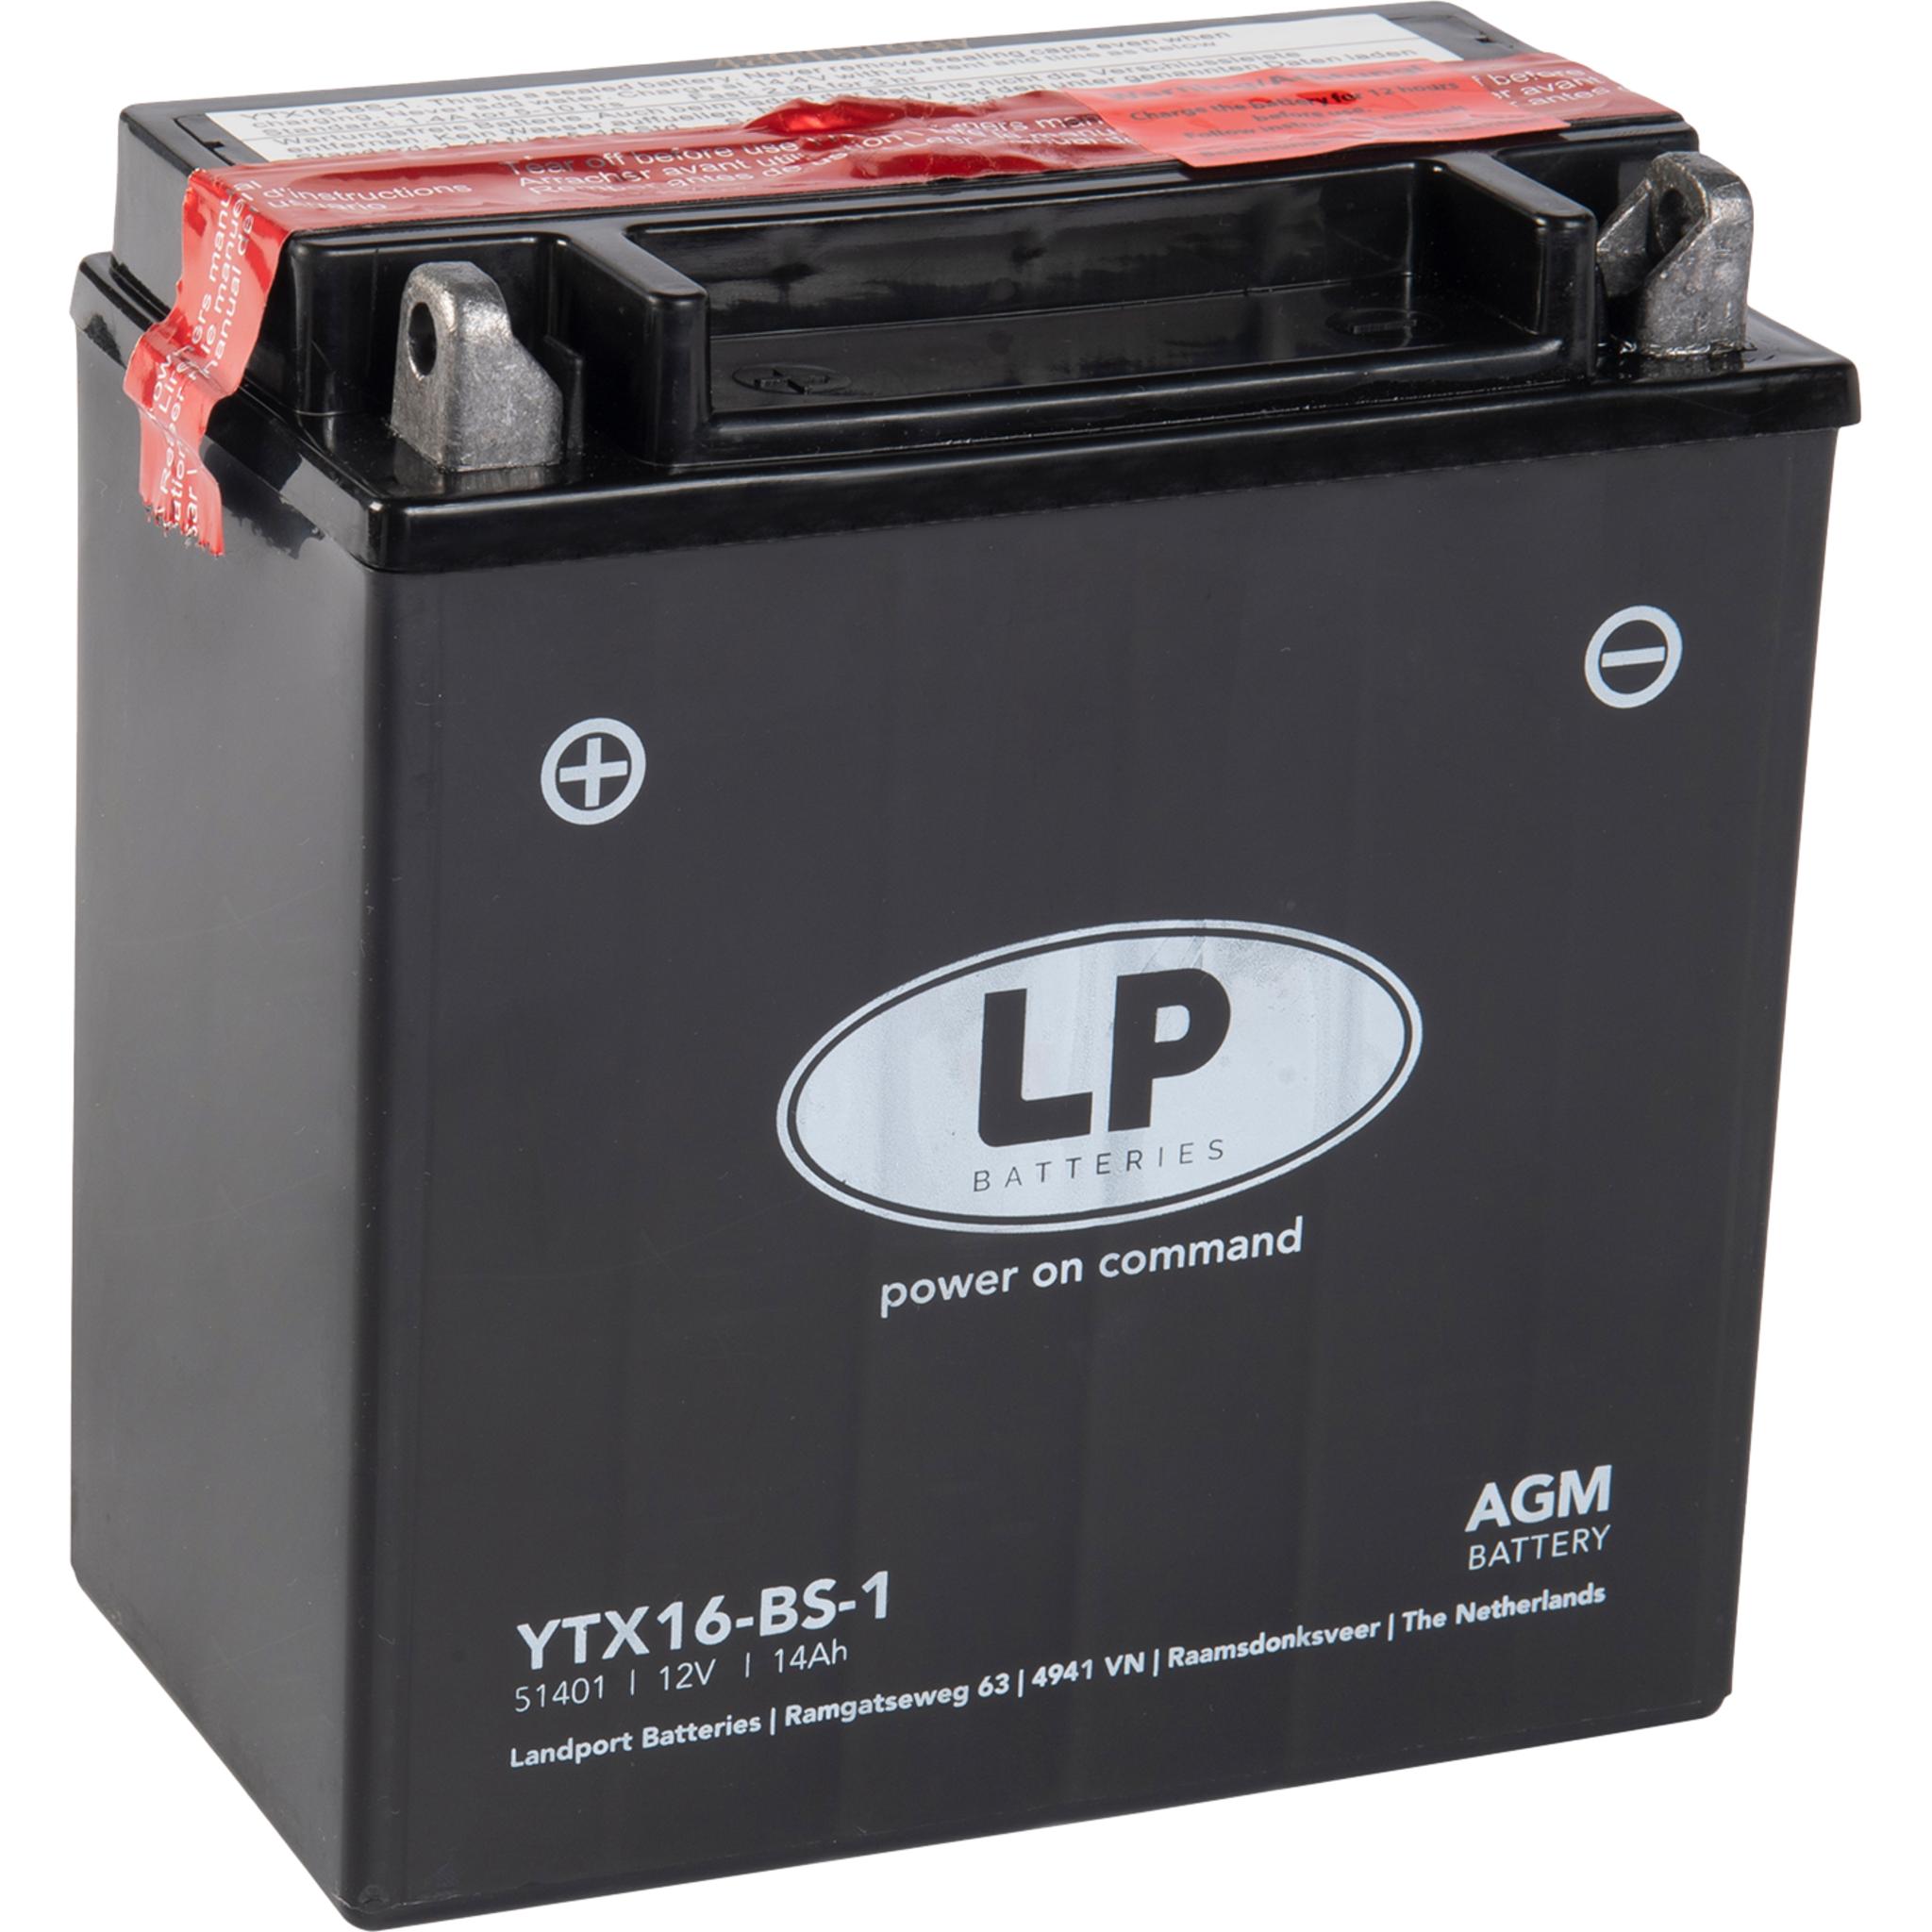 Аккумулятор Landport YTX16-BS-1, 12V, AGM